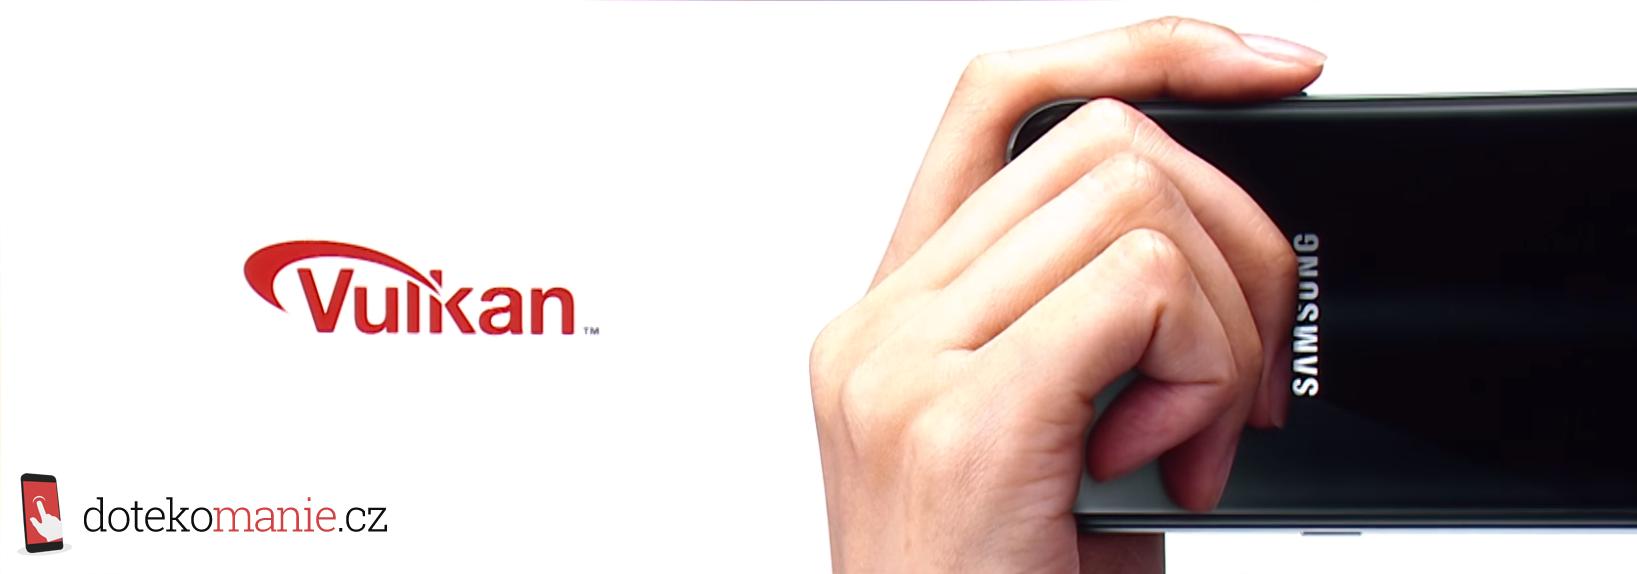 Vulkan – jedna z předností nových modelů Galaxy S